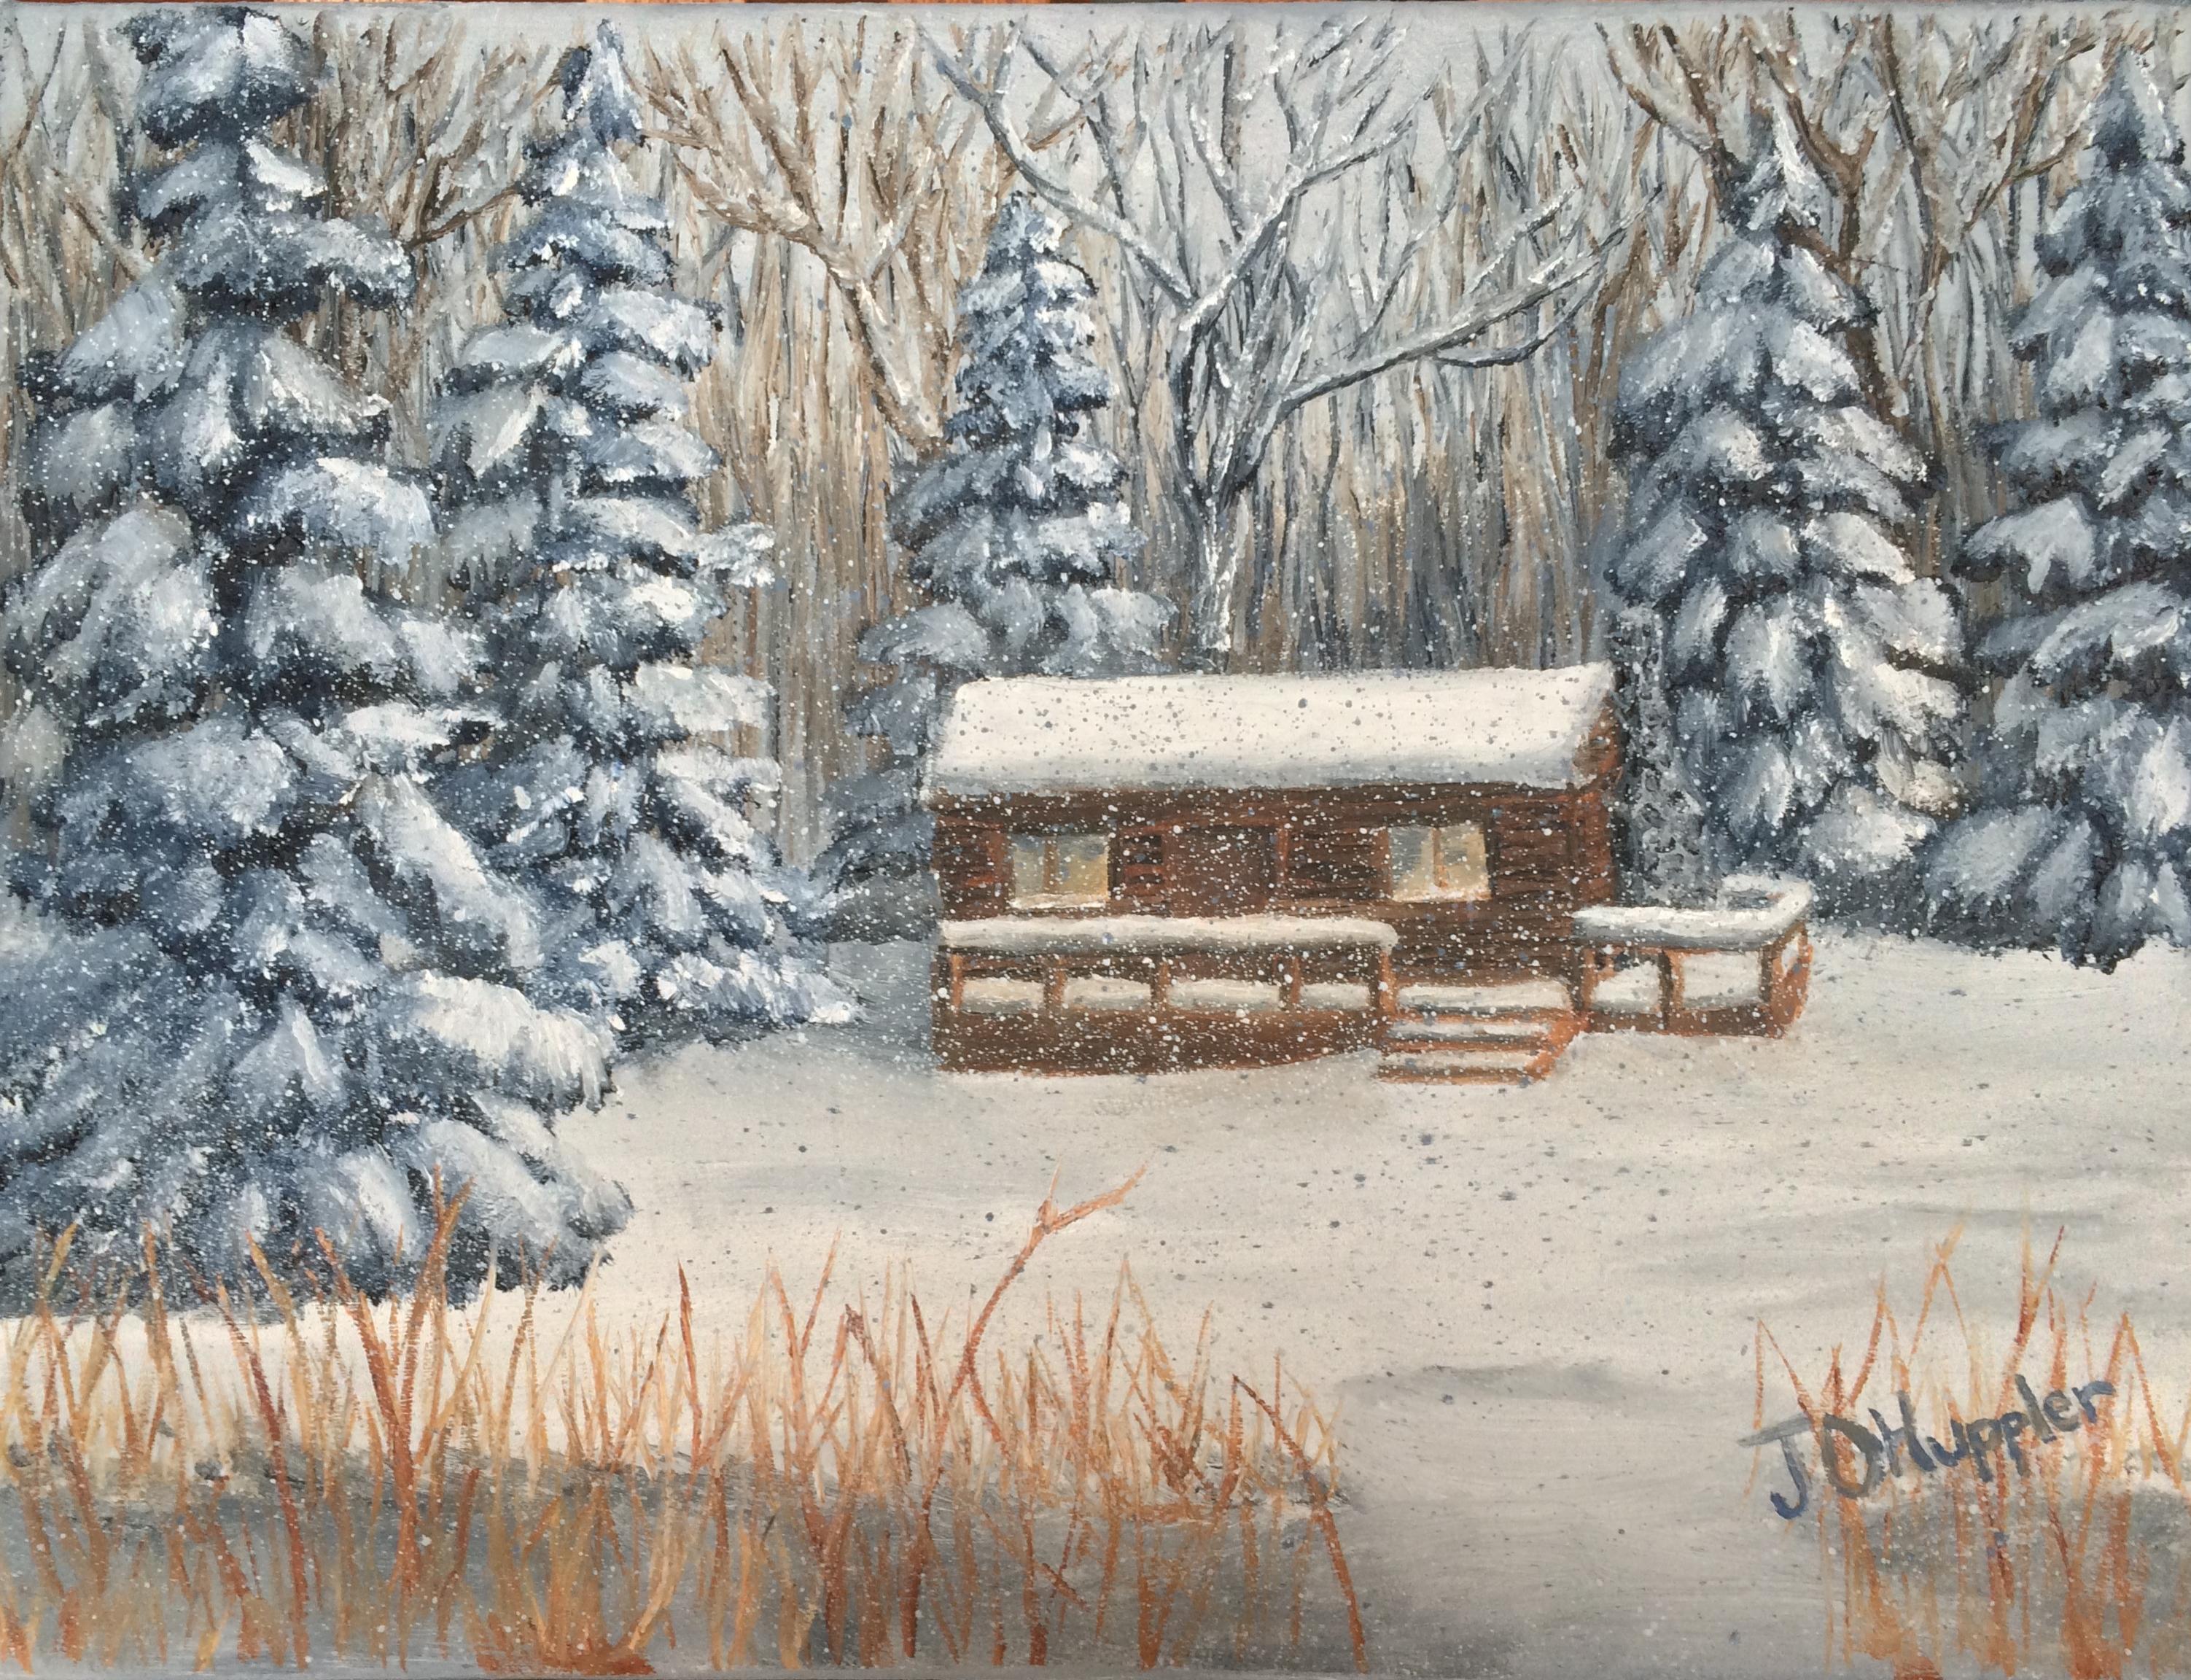 141 Log Cabin In A Winter Woods J O Huppler